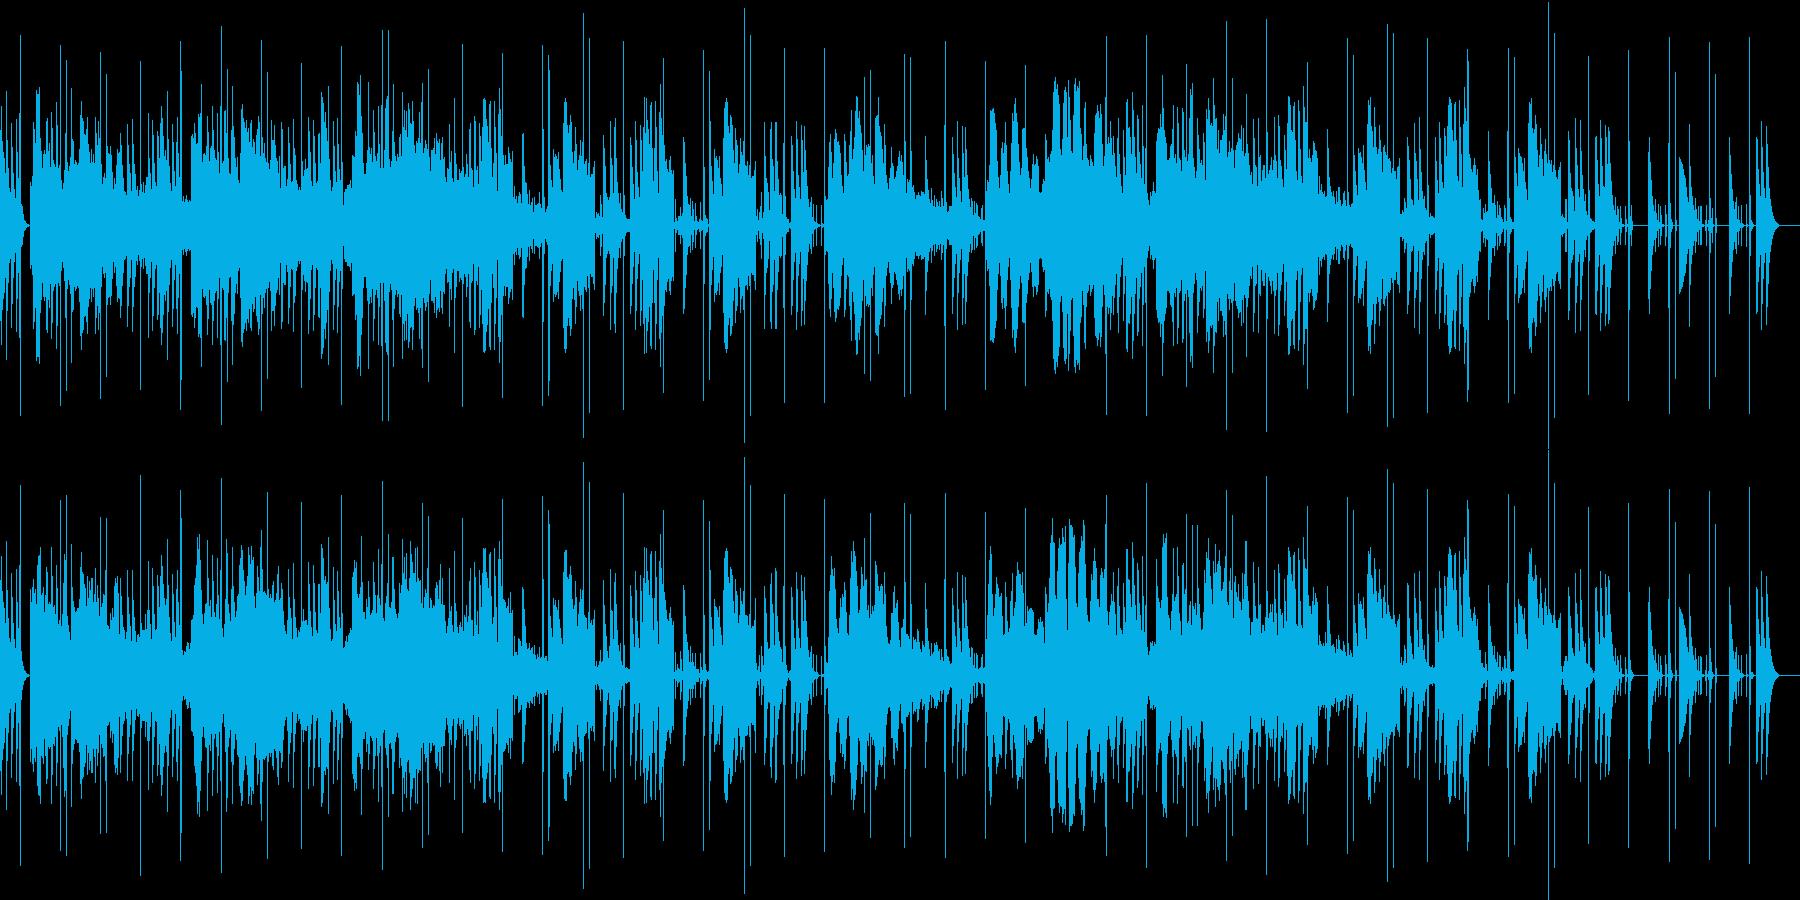 アンビエント 不思議 ダーク 幻想の再生済みの波形